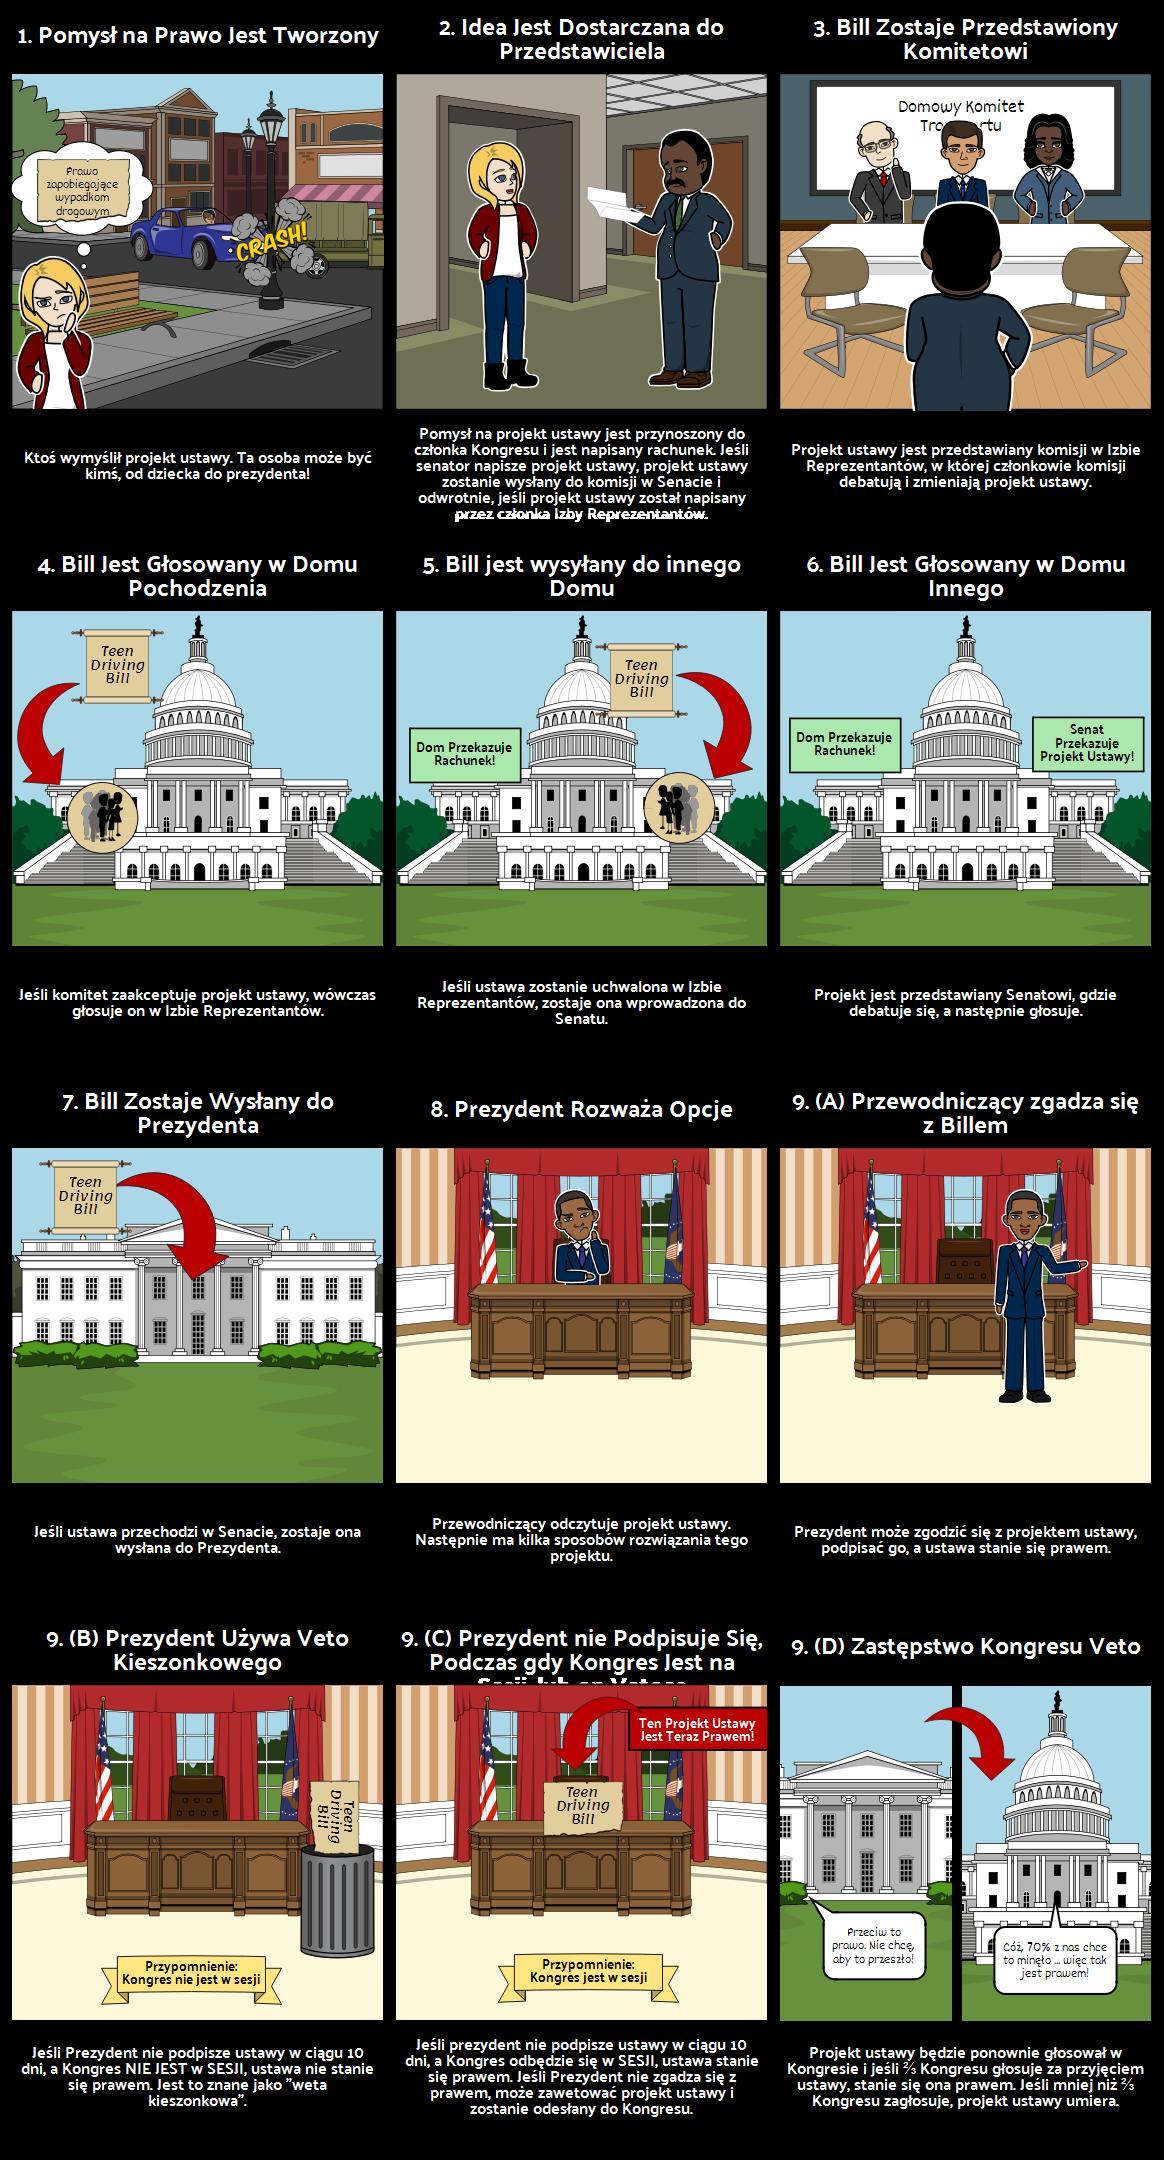 Jak Bill Staje się Prawem